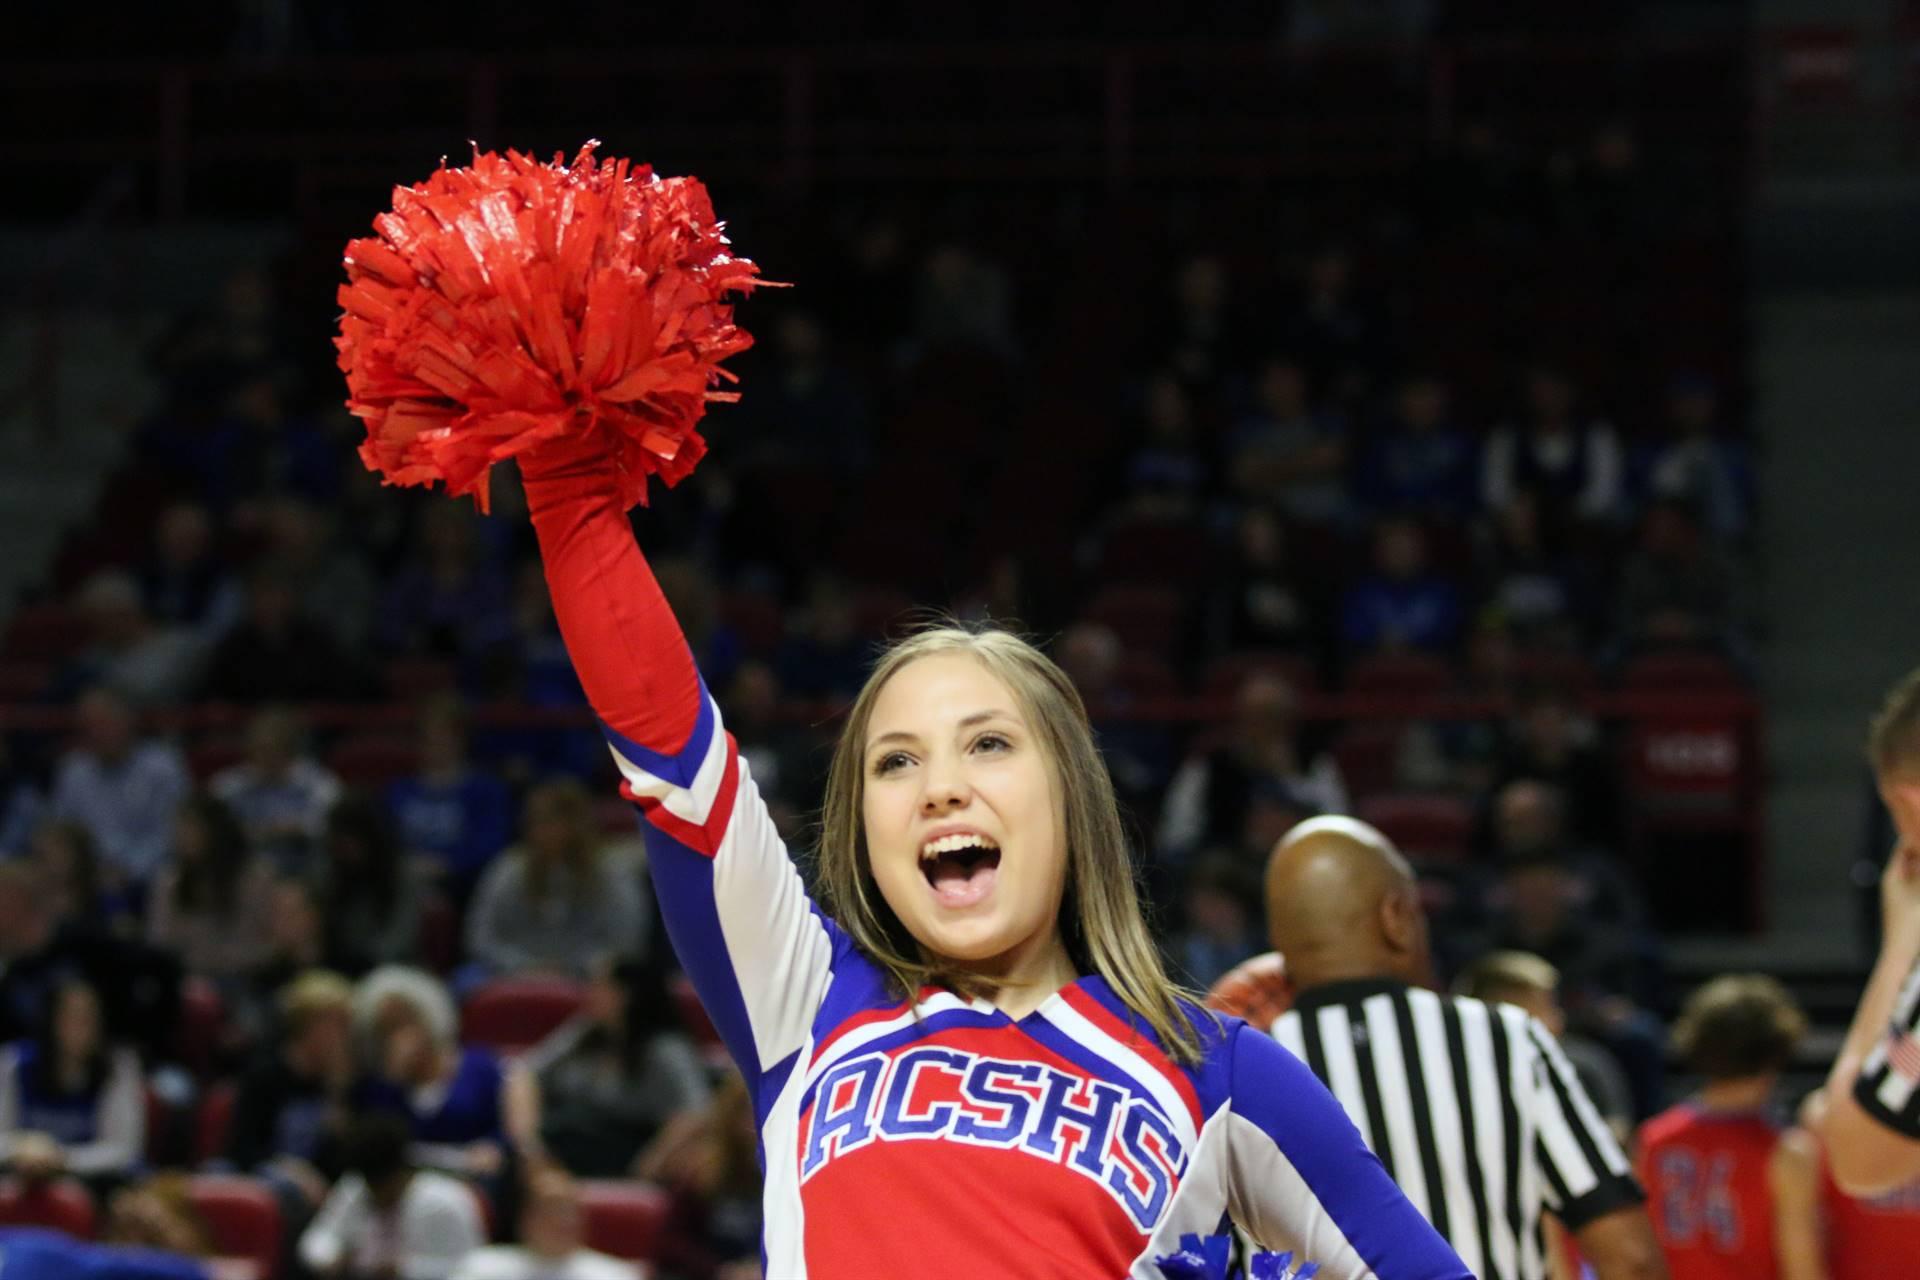 ACS cheerleader